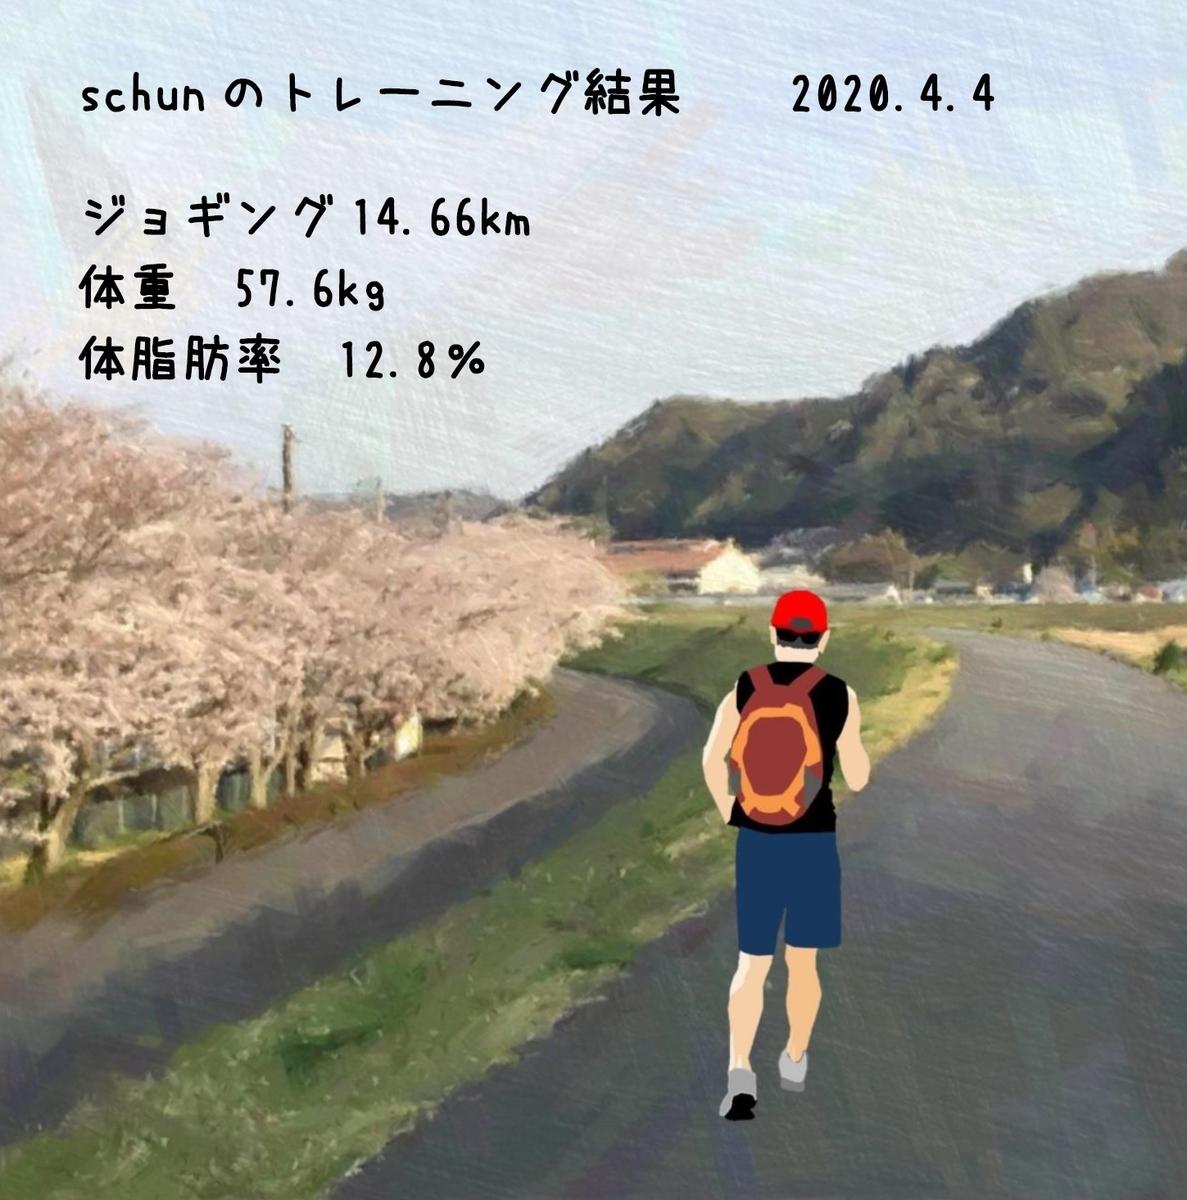 f:id:schunchi2007:20200405051651j:plain